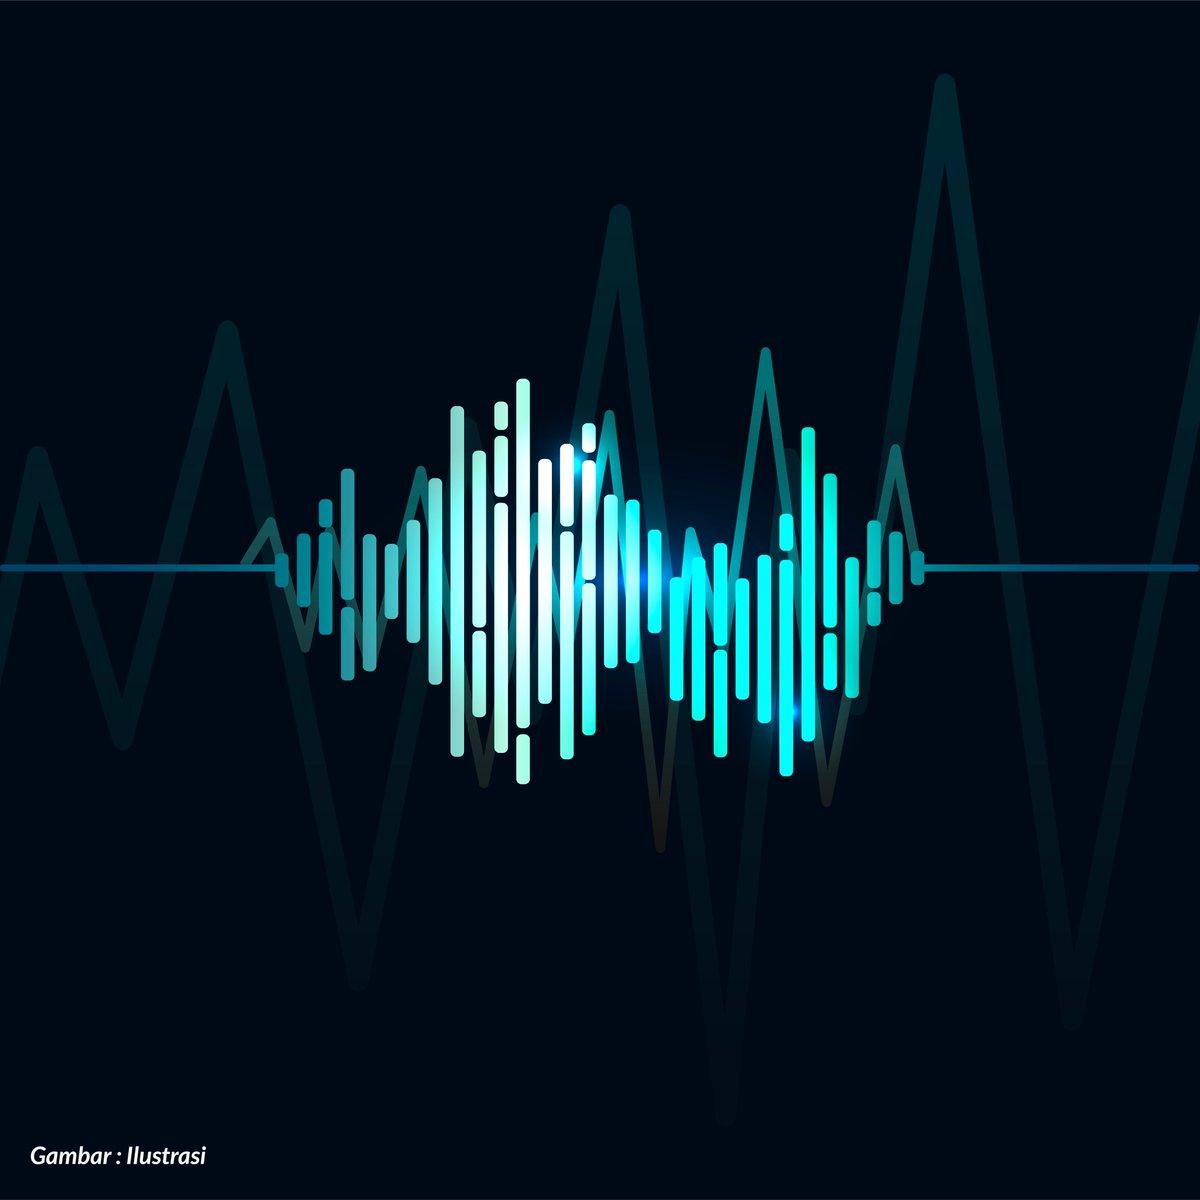 Alexa, siri, facebook, google assistant sent audio to human contactors